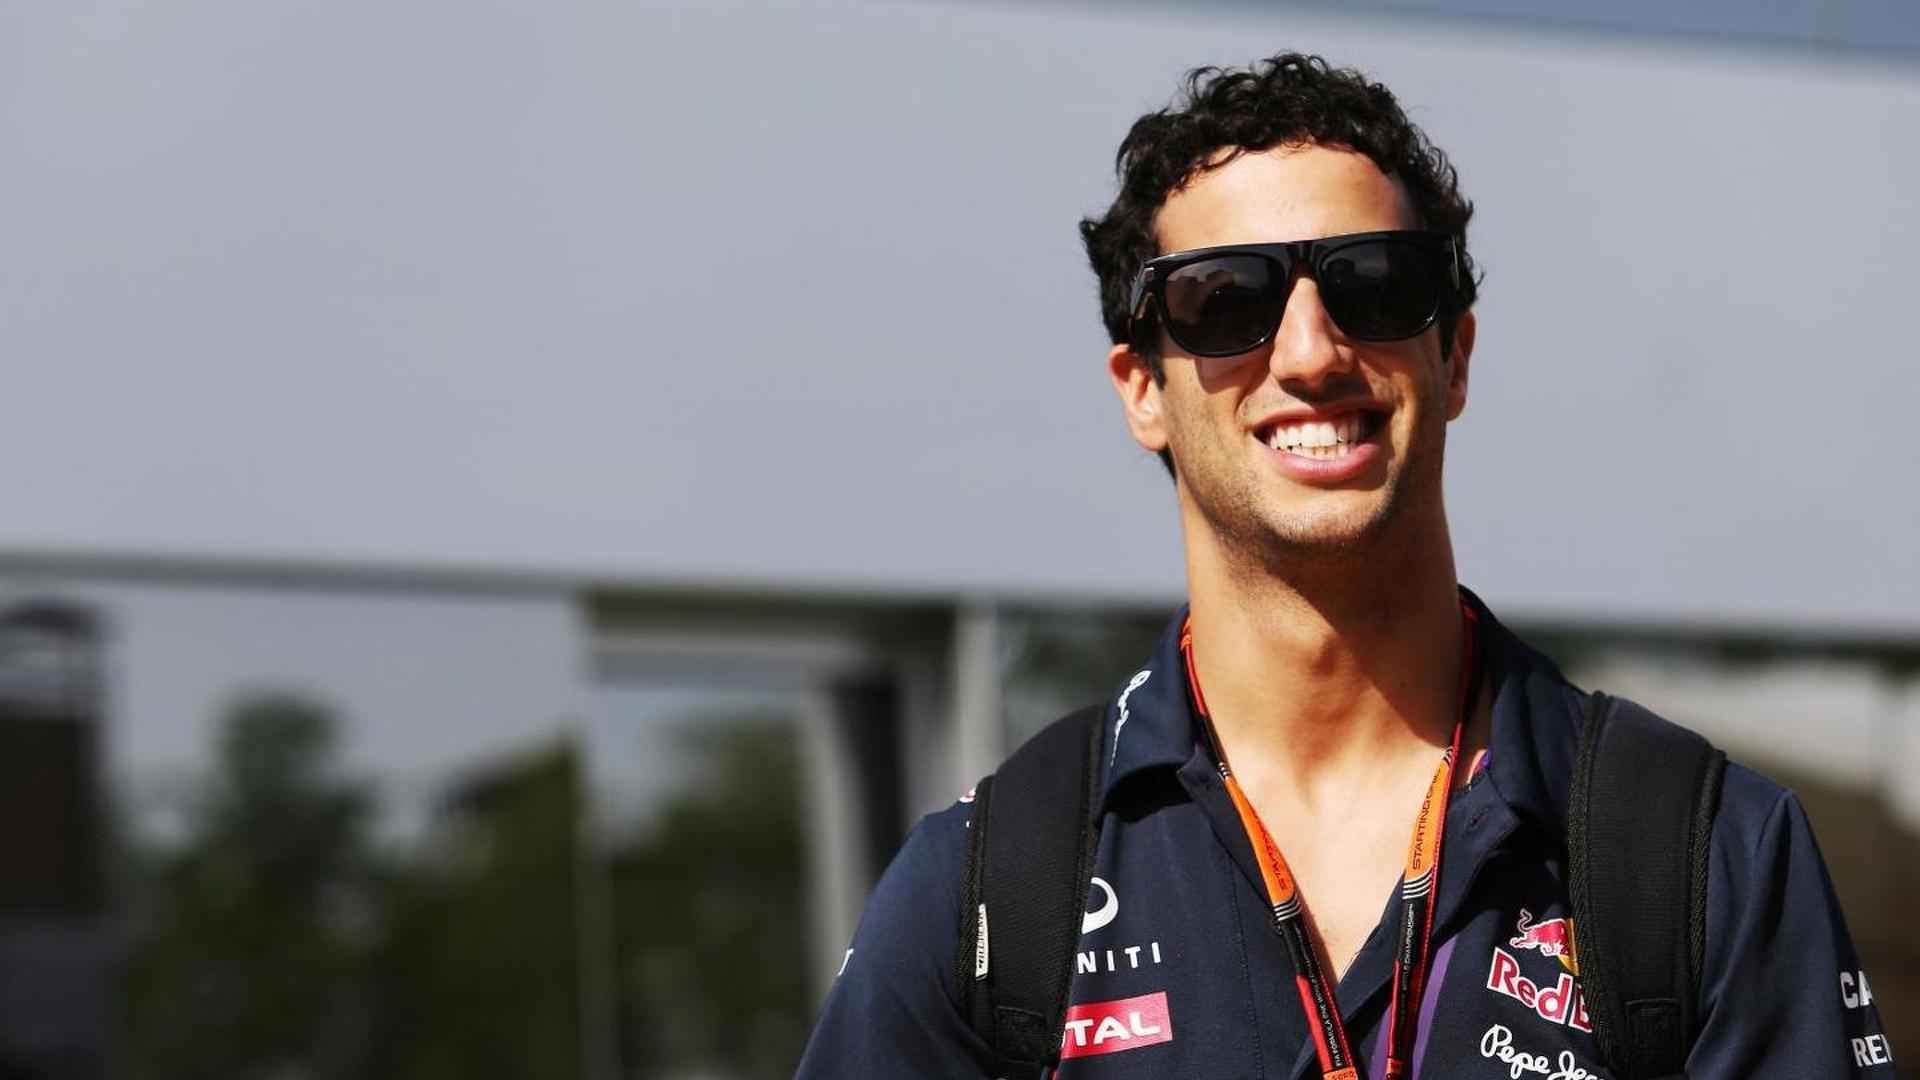 Ricciardo not committing to Red Bull yet